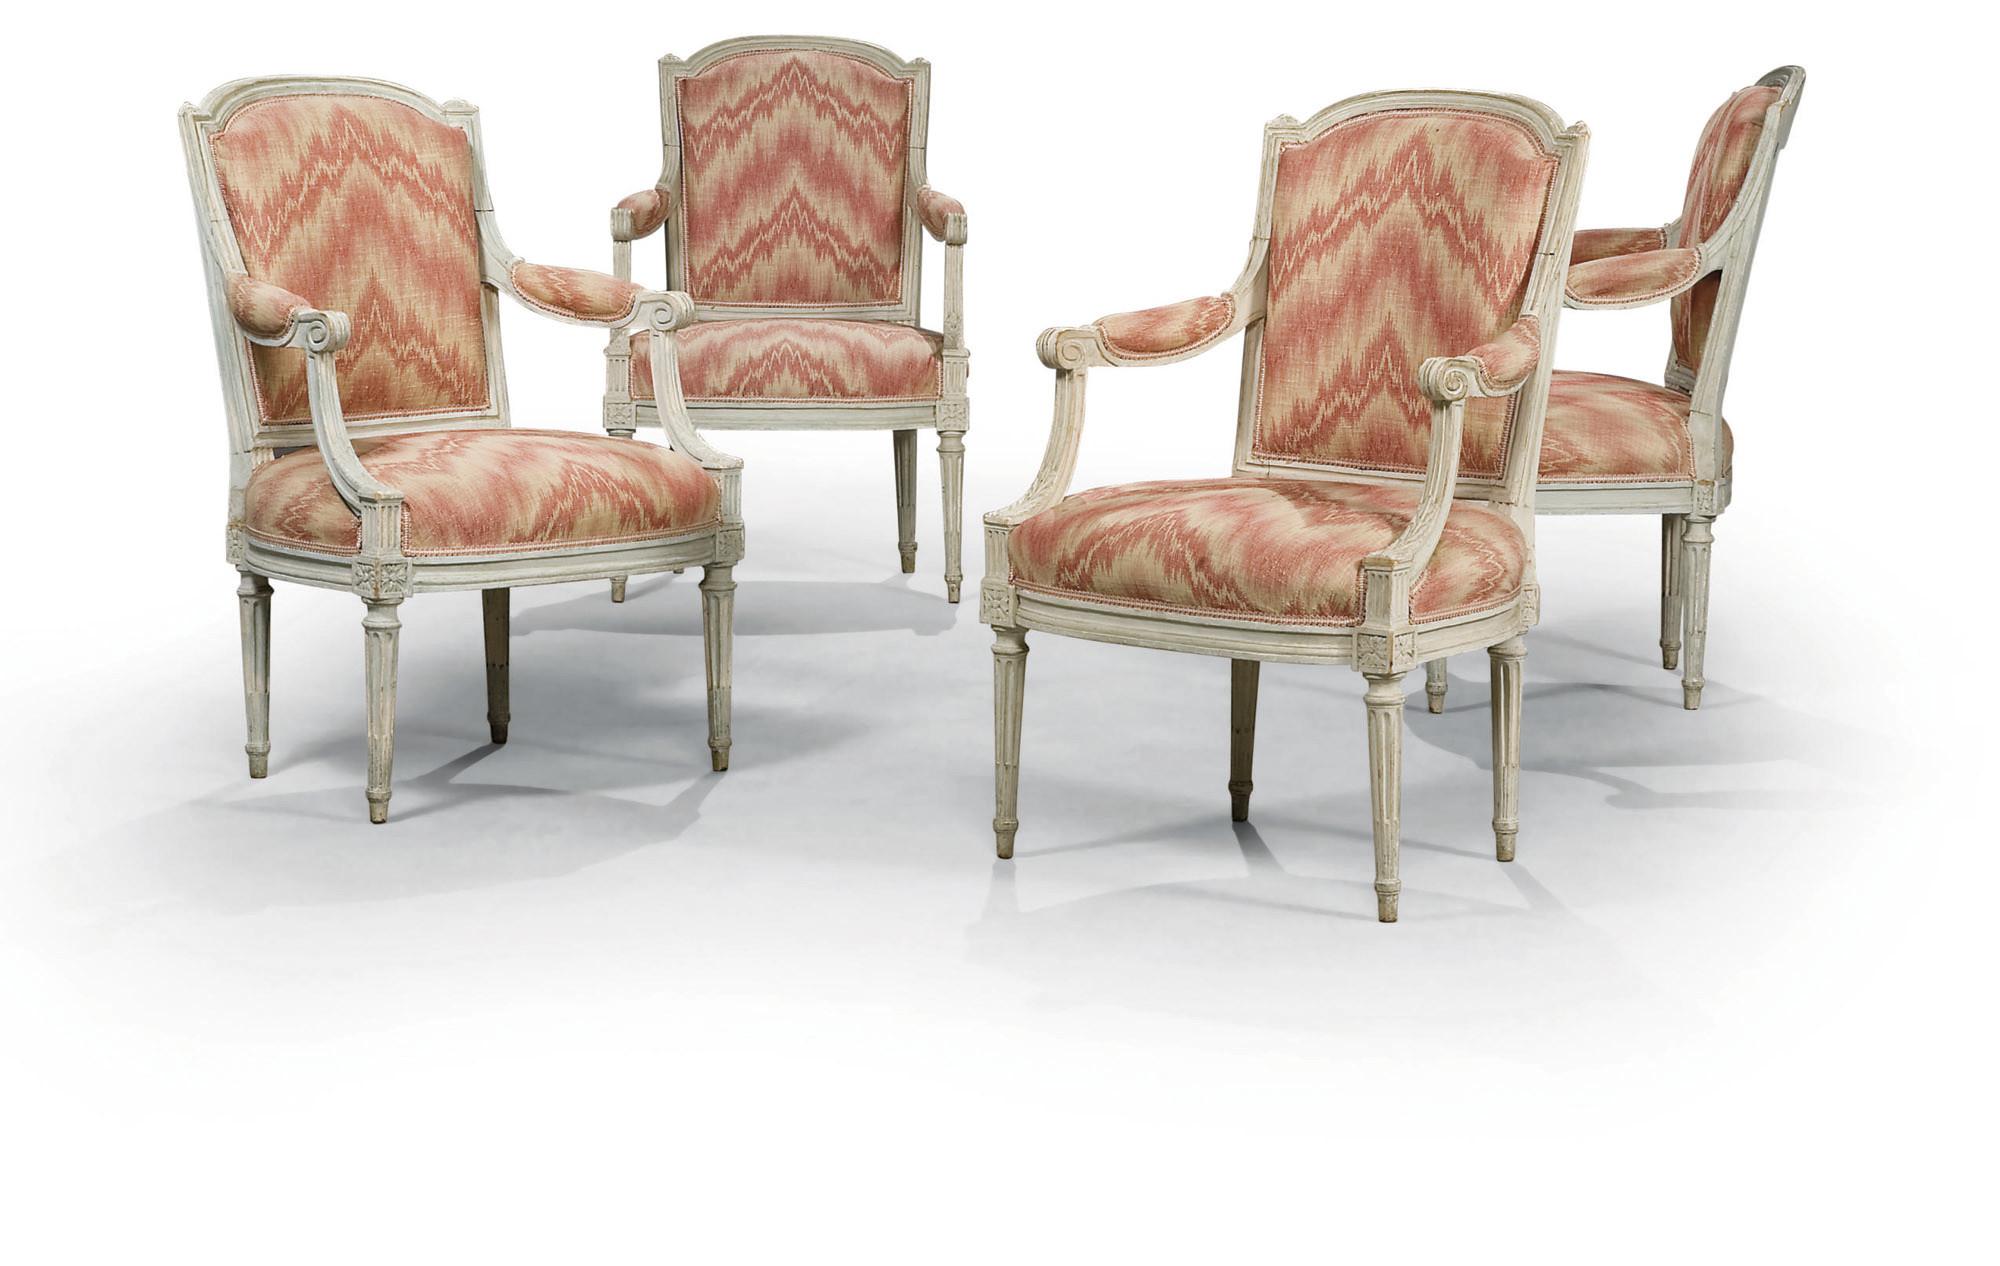 mobilier de salon d 39 epoque louis xvi estampille george. Black Bedroom Furniture Sets. Home Design Ideas